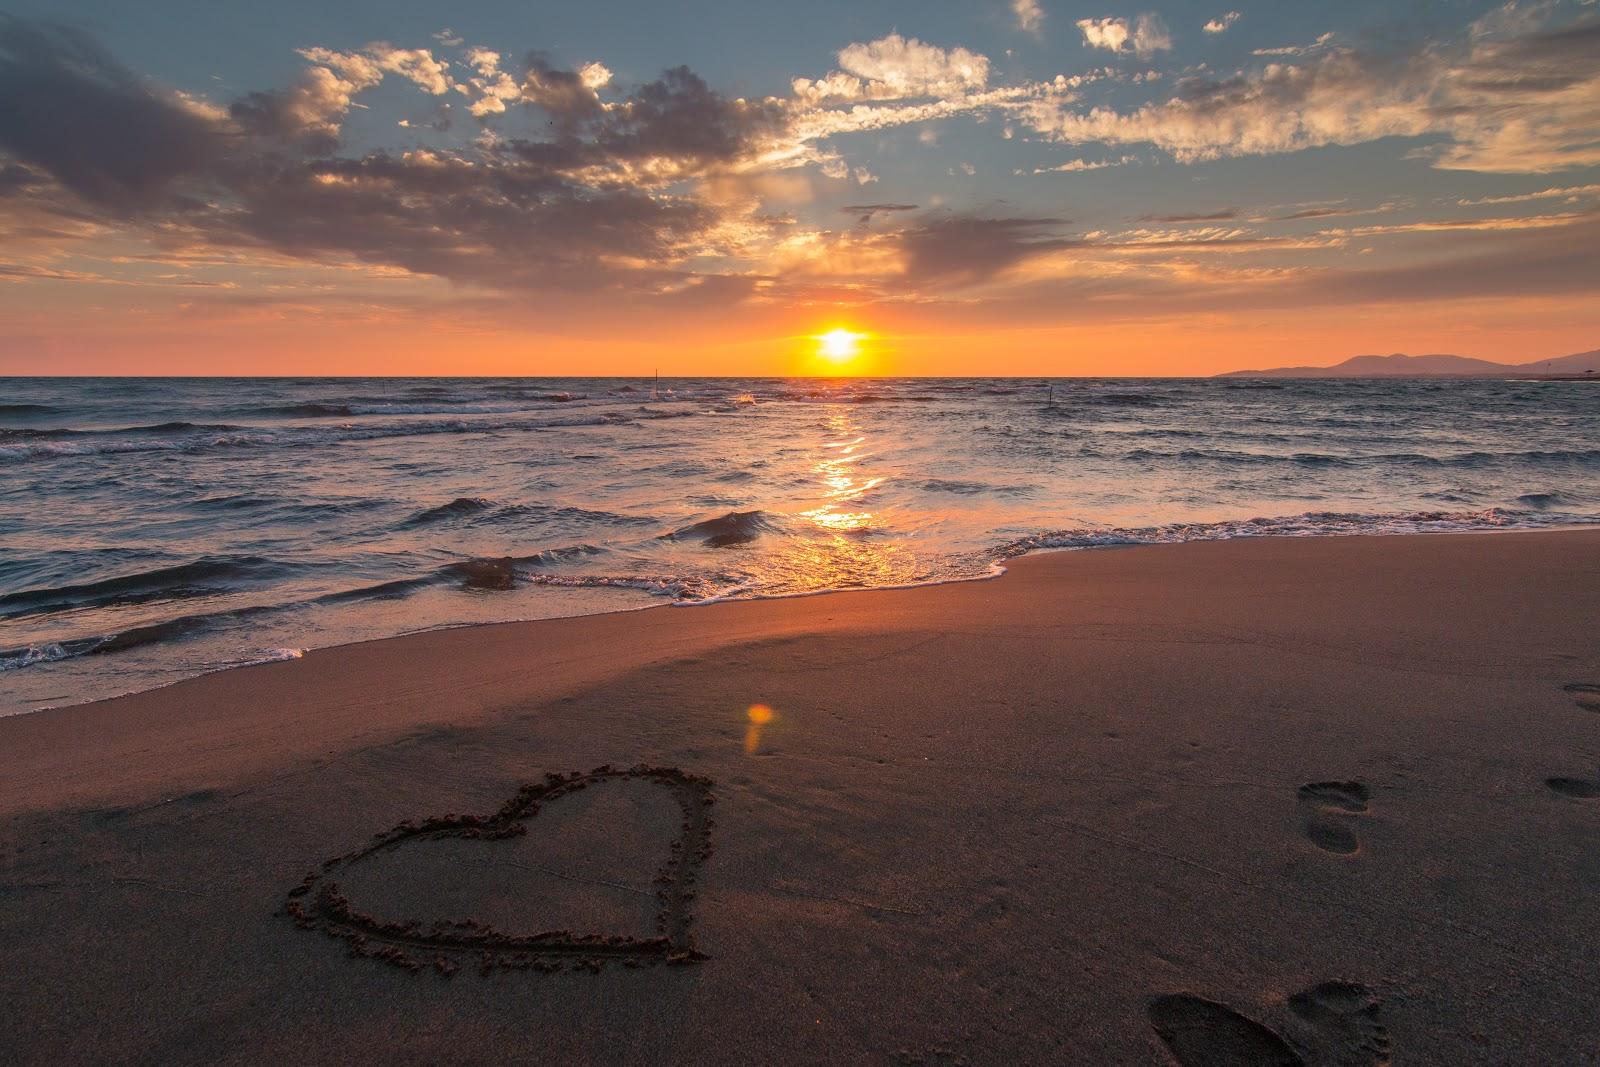 שקיעה בים על החול חרוט לב